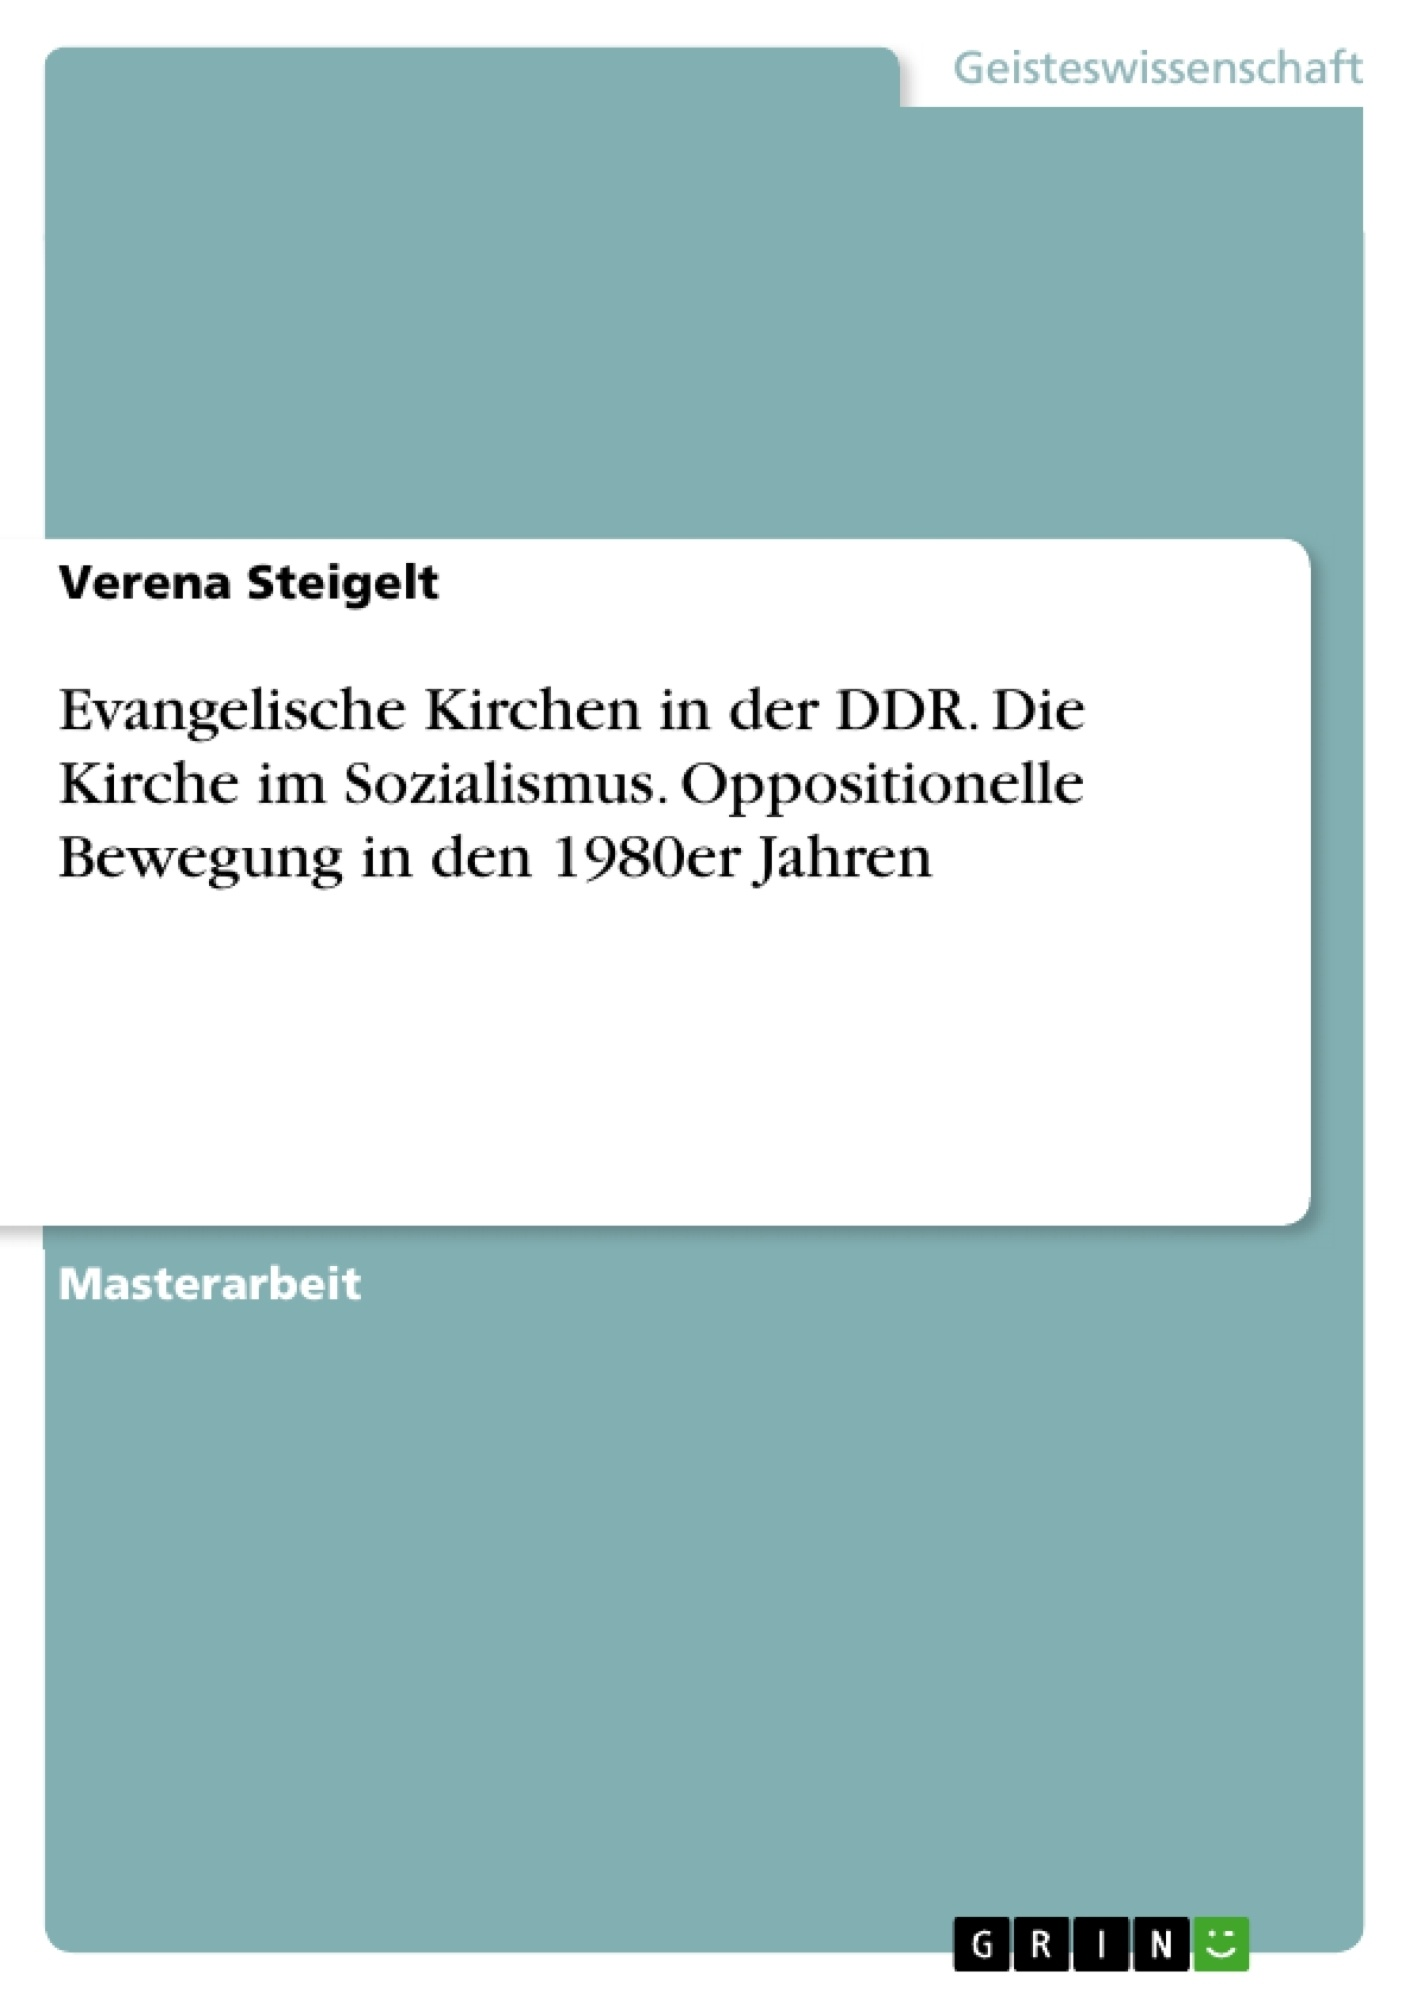 Titel: Evangelische Kirchen in der DDR. Die Kirche im Sozialismus. Oppositionelle Bewegung in den 1980er Jahren